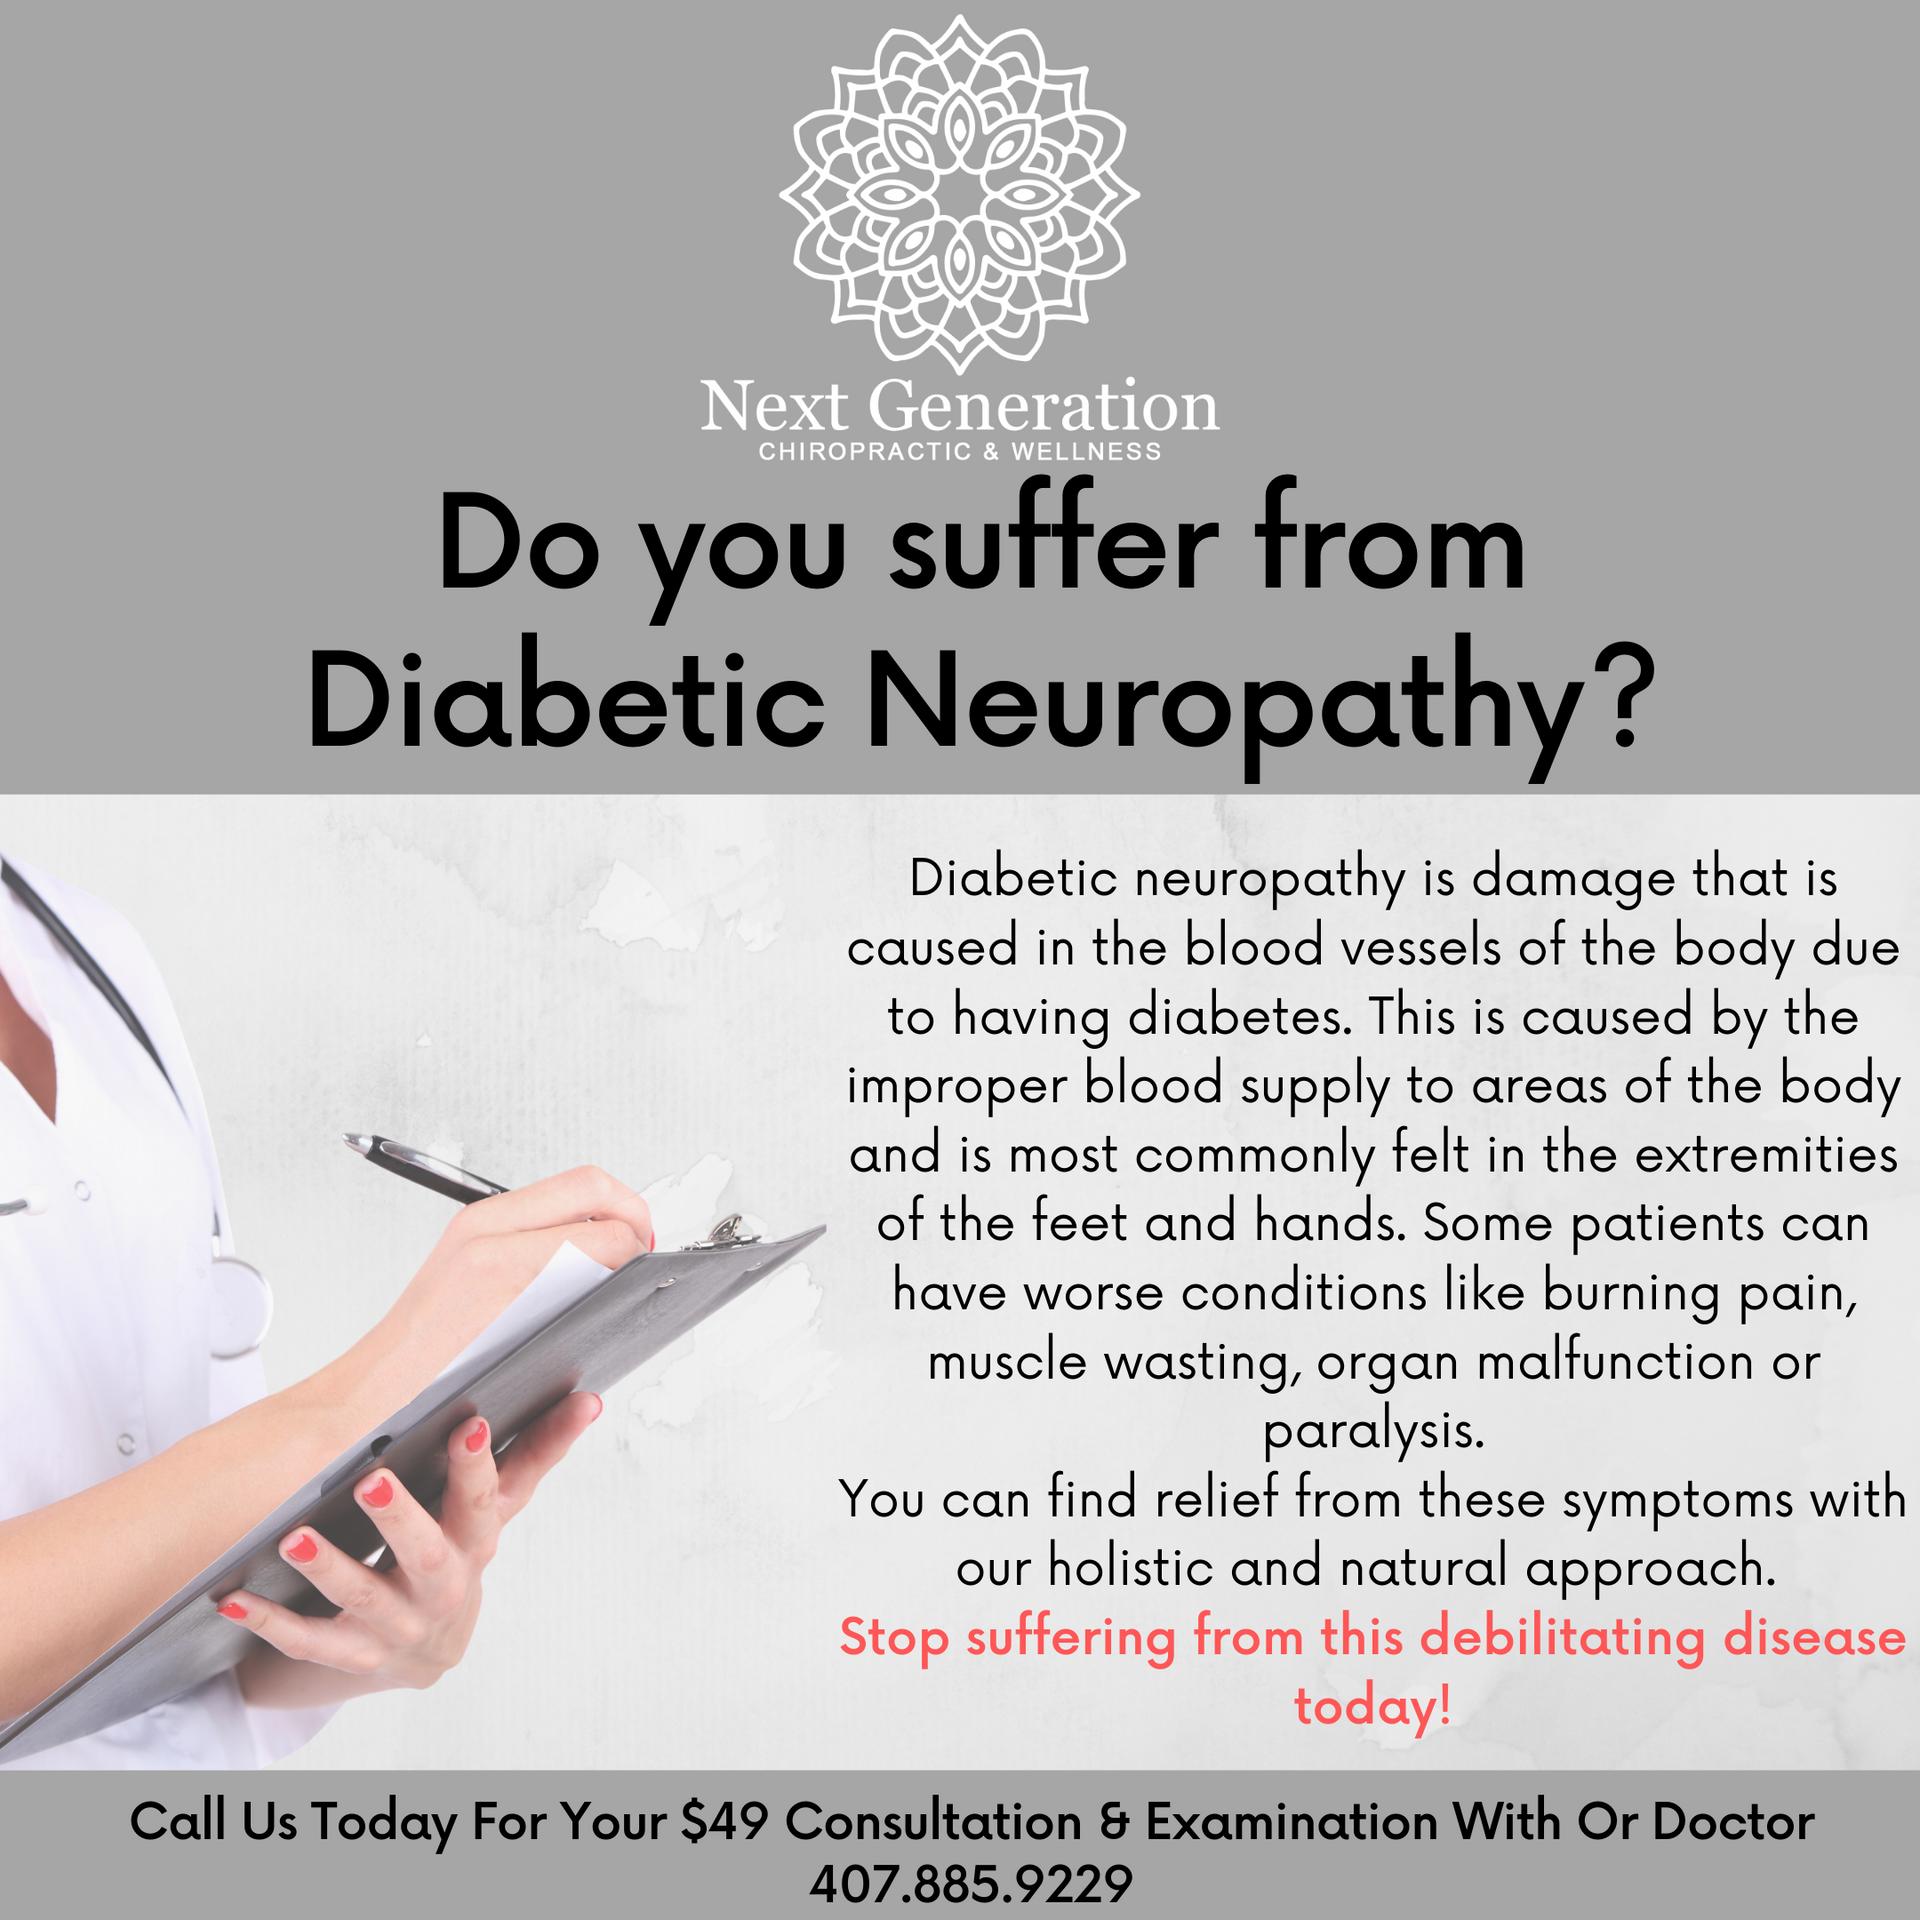 neuropathy do you suffer